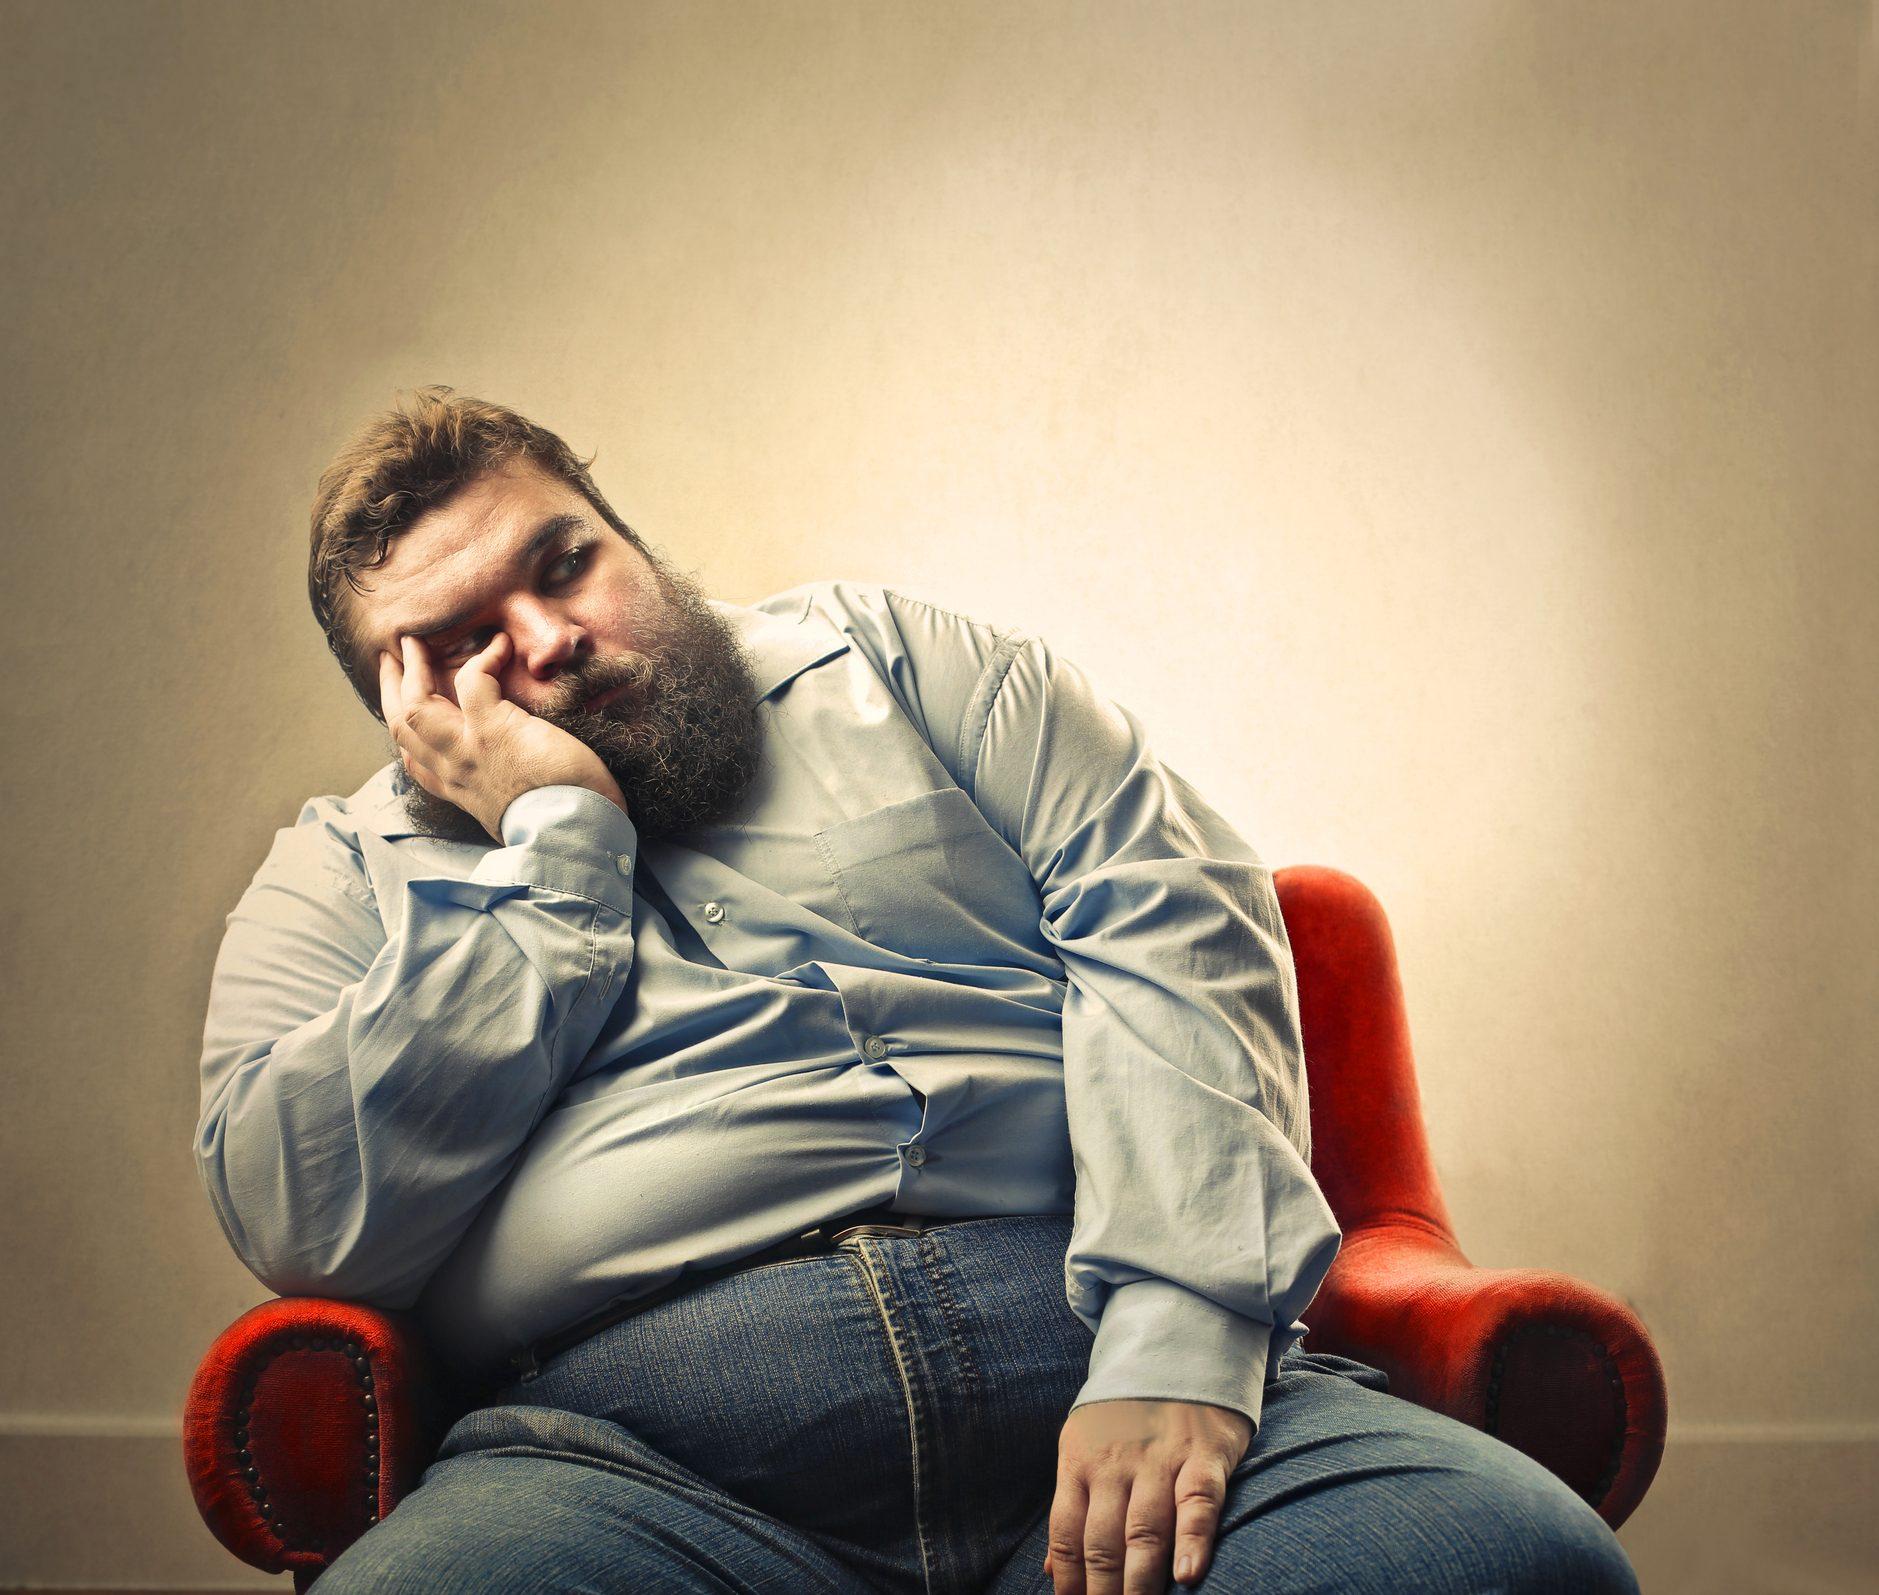 Obesità, in Italia è ancora una malattia trascurata